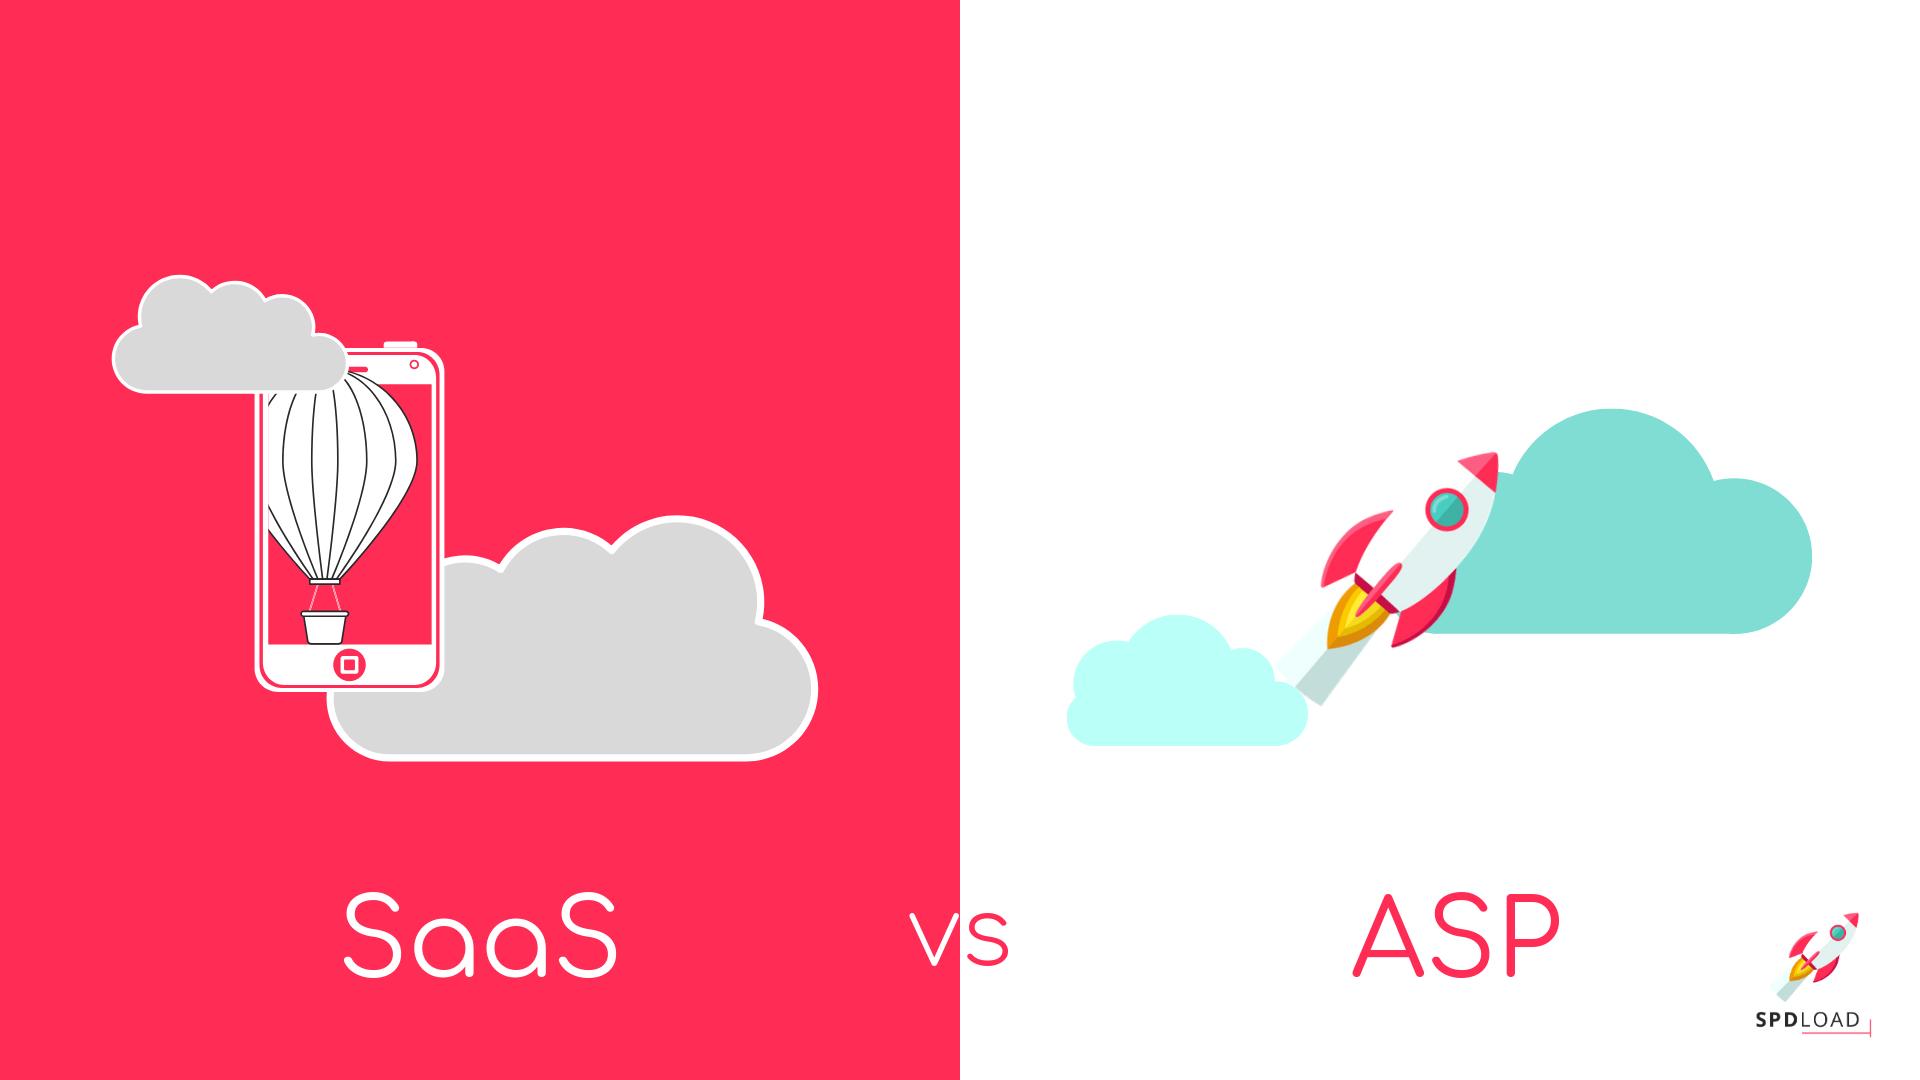 SaaS vs ASP